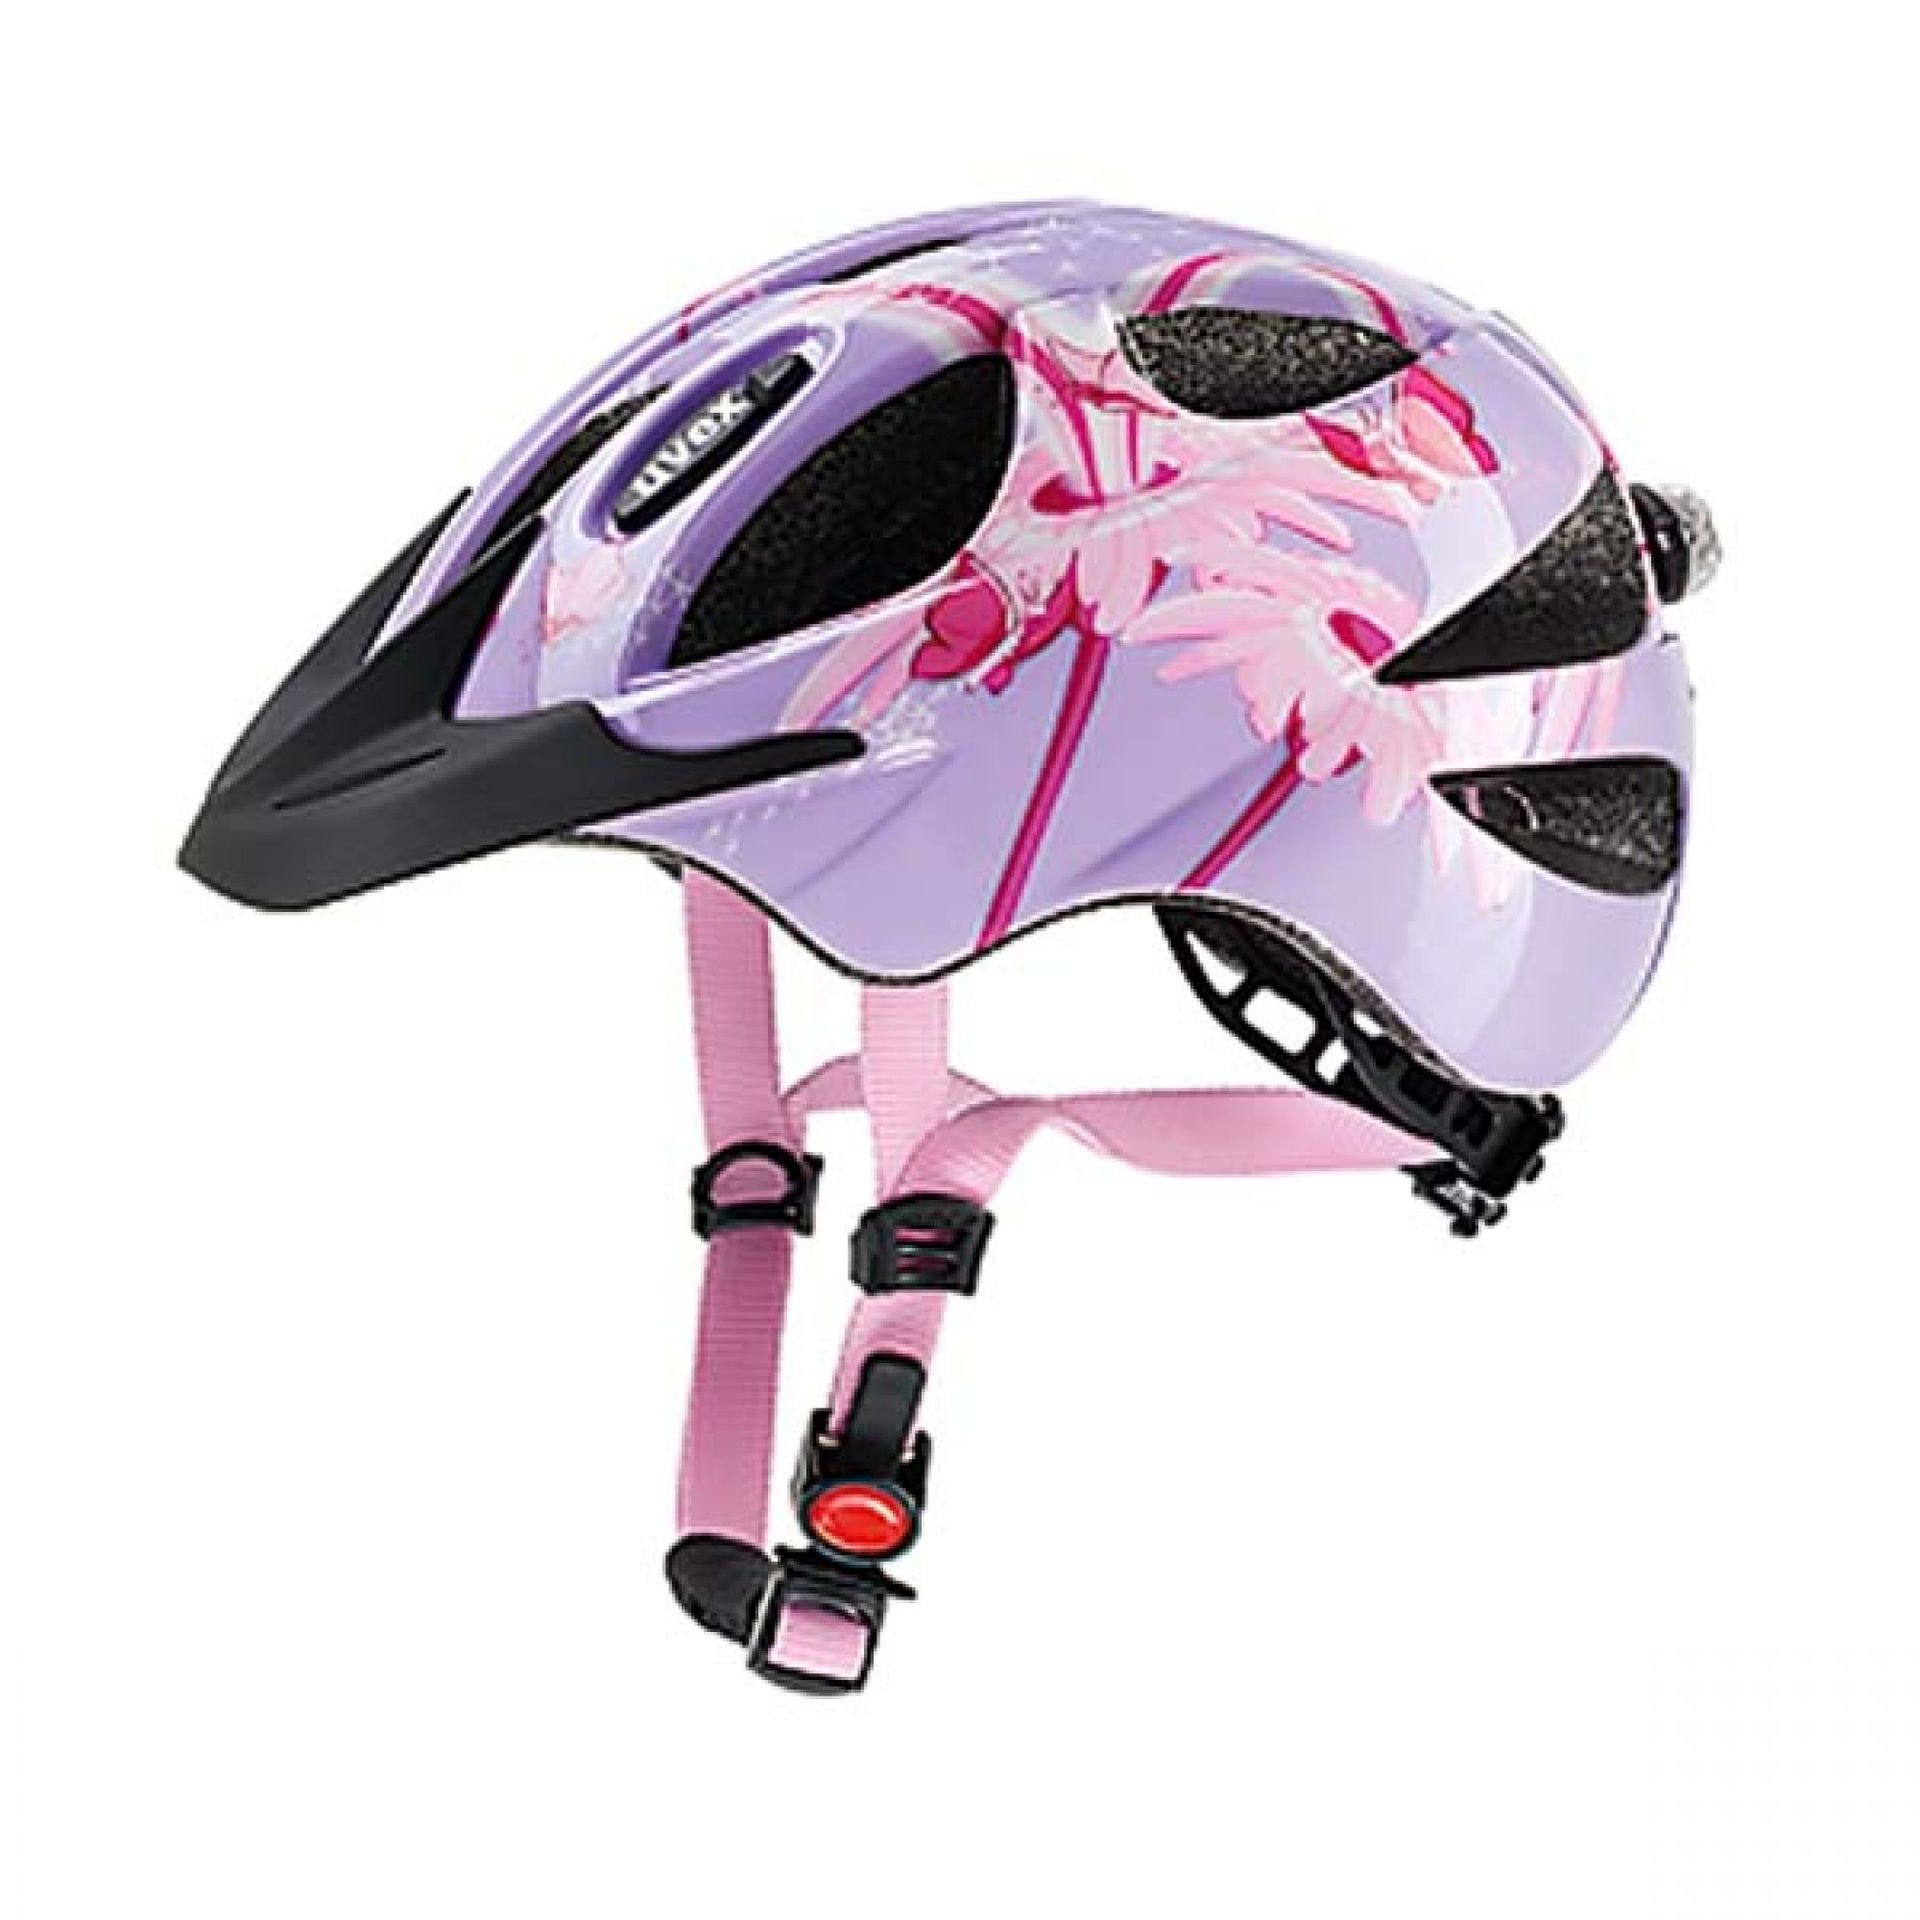 Kask rowerowy Uvex Hero fioloetowo różowy